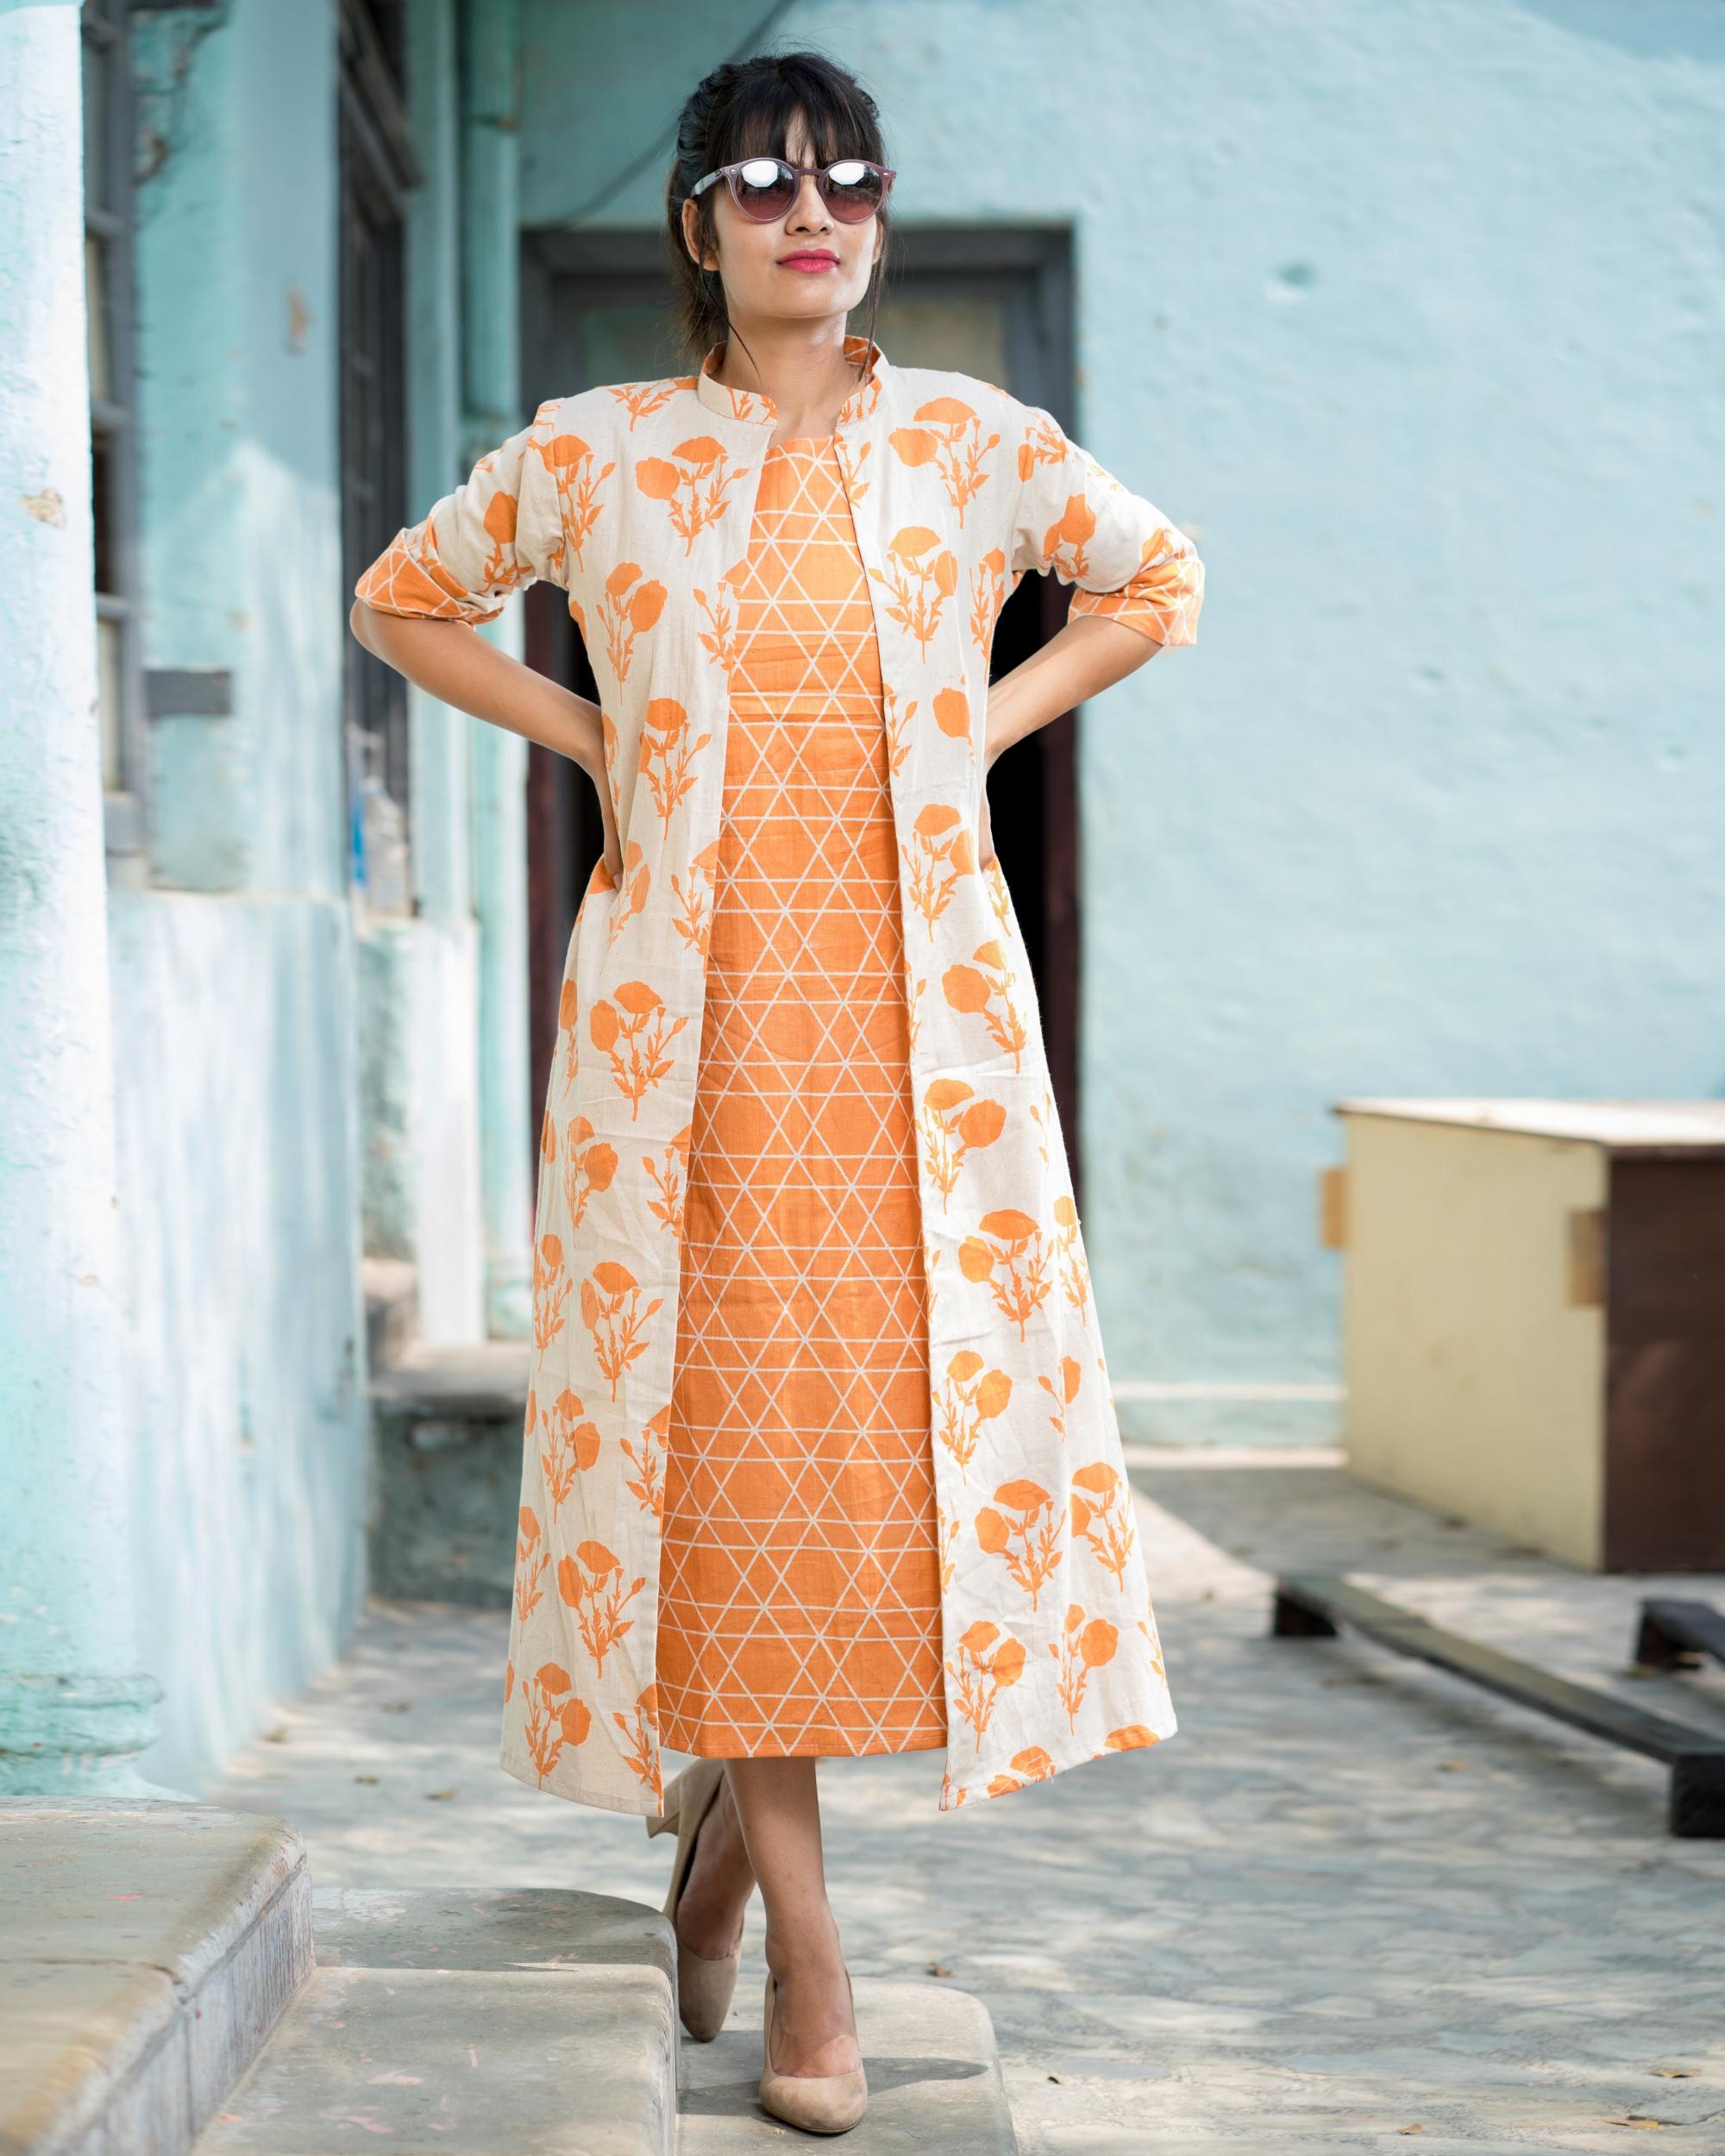 Orange floral jacket dress